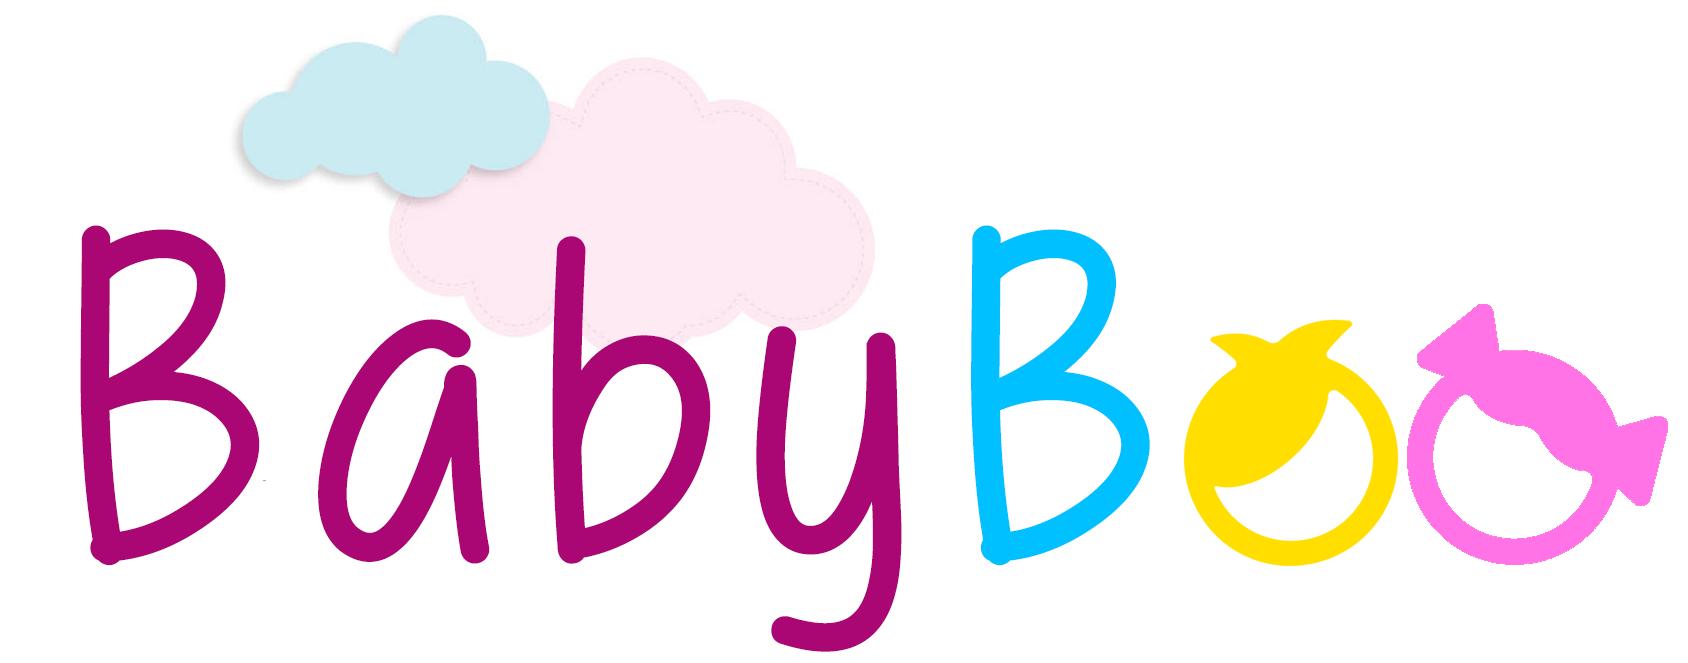 Babyboo